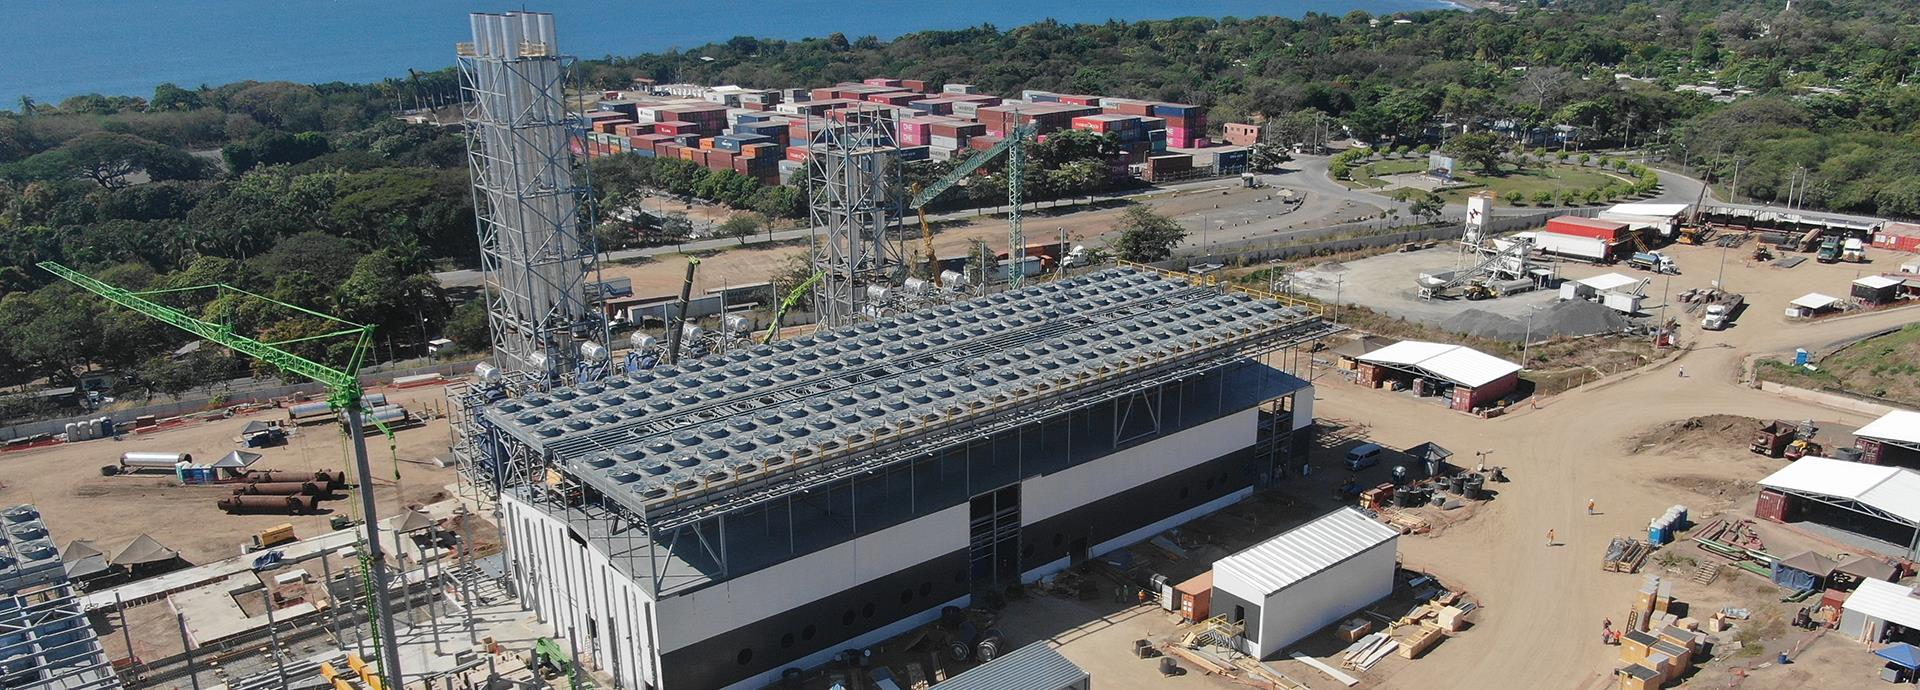 Wärtsilä 378 MW Energía del Pacifíco project in El Salvador 1920